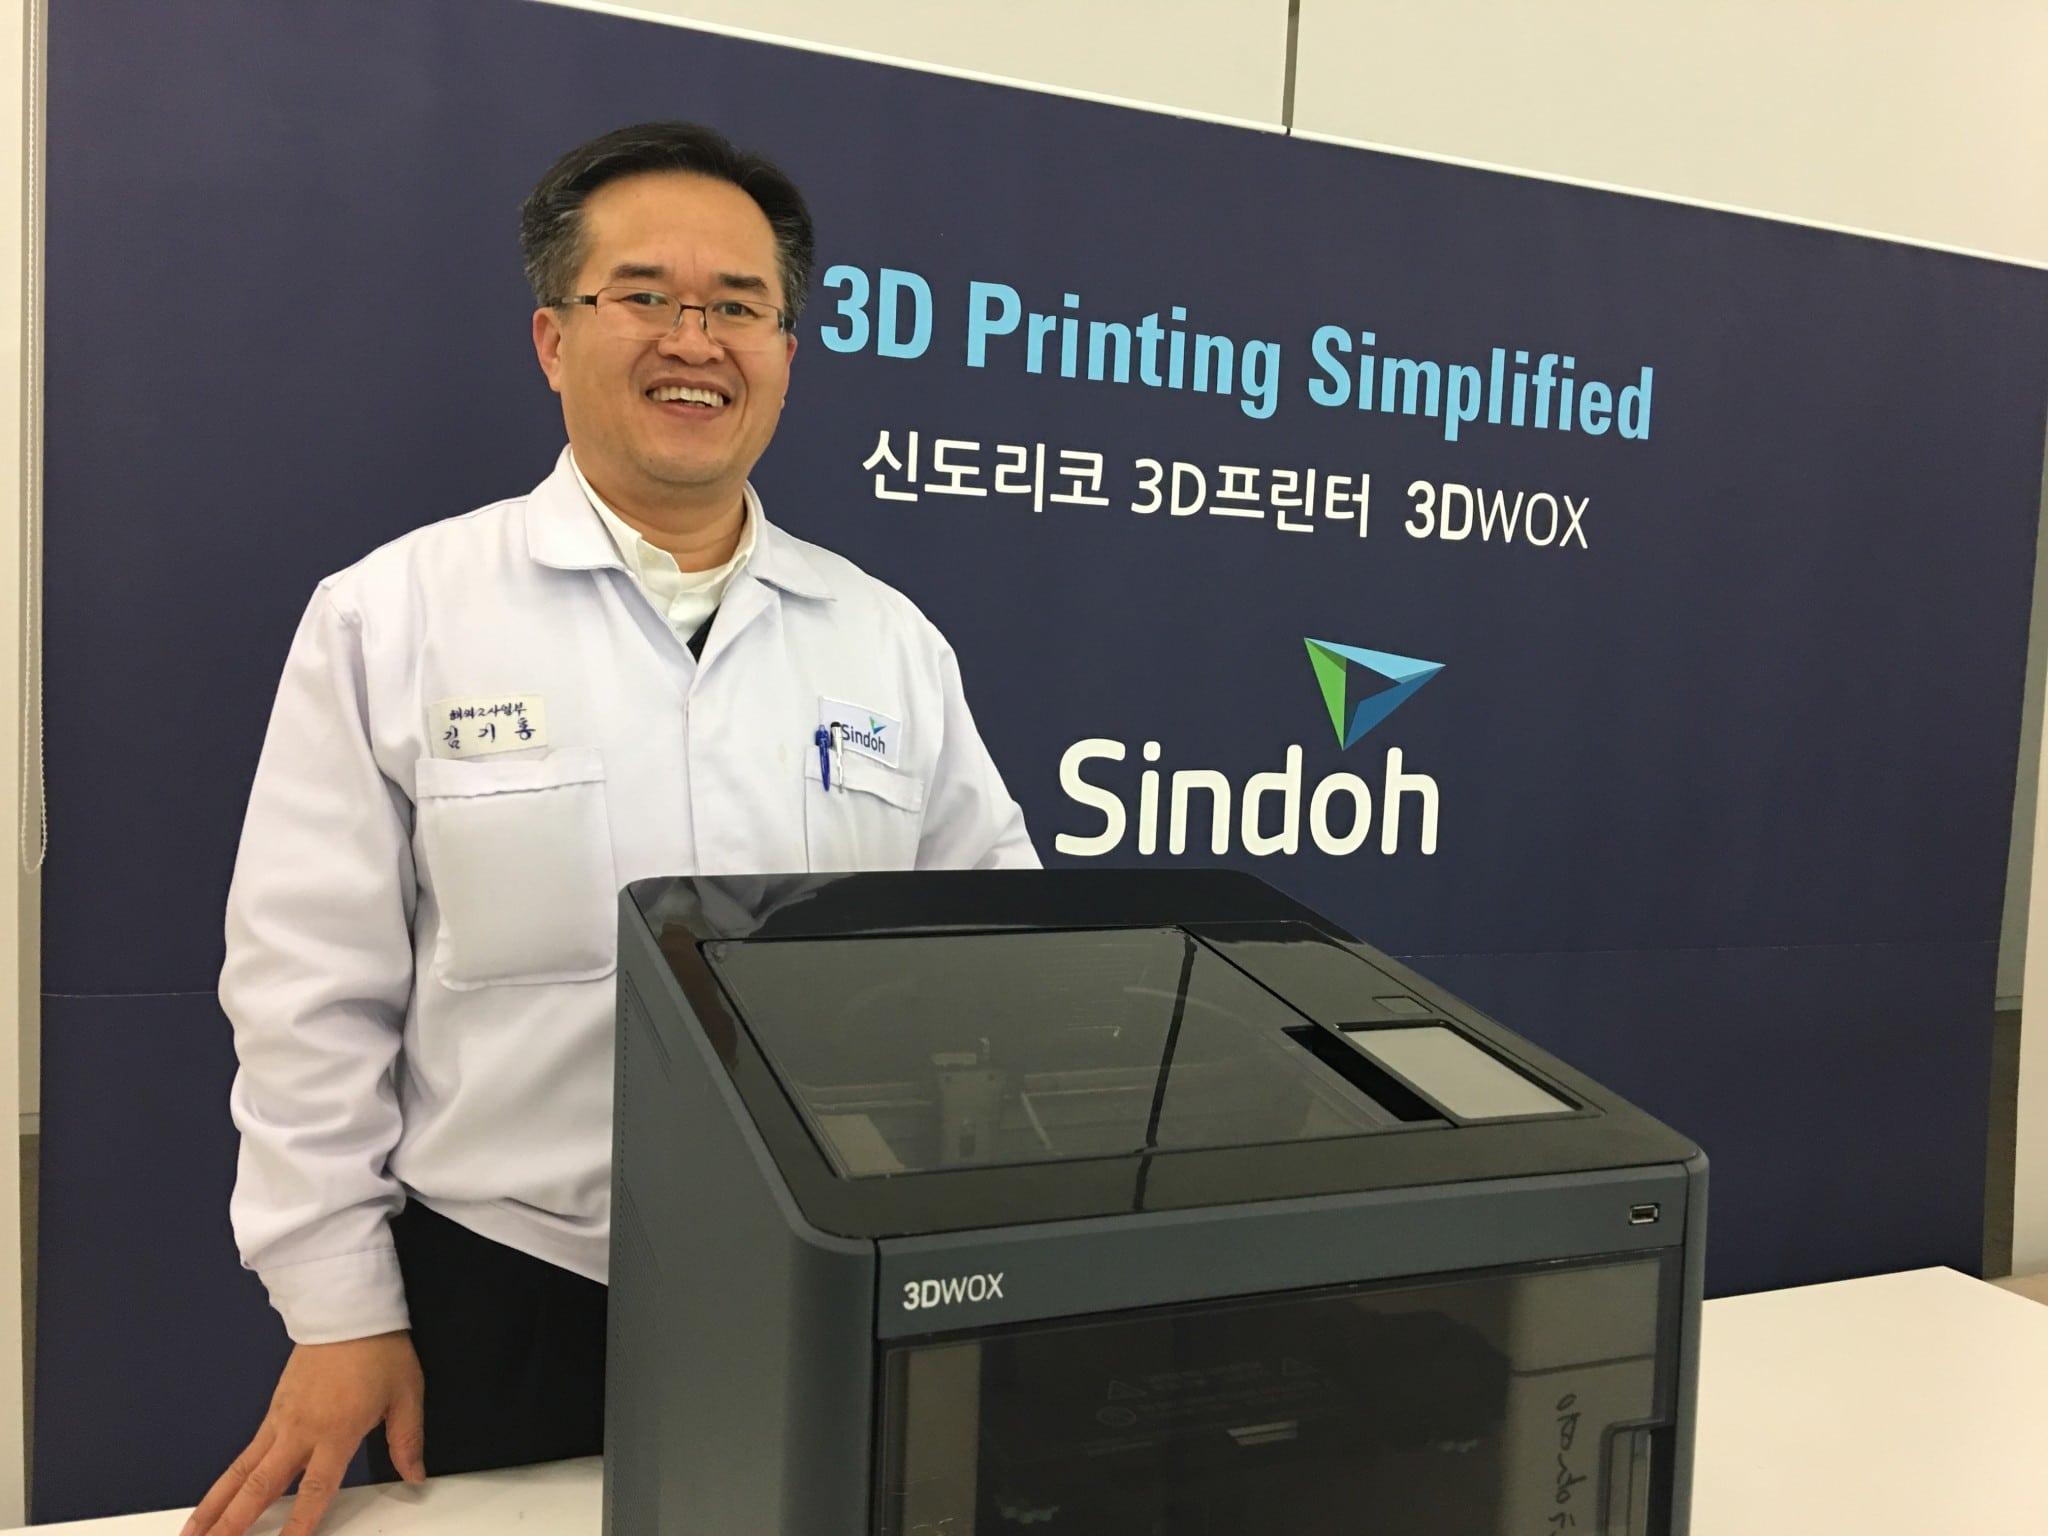 תומס קים (Thomas Kim). מנהל הפיתוח העסקי האסטרטגי בחברת הענק Sindoh